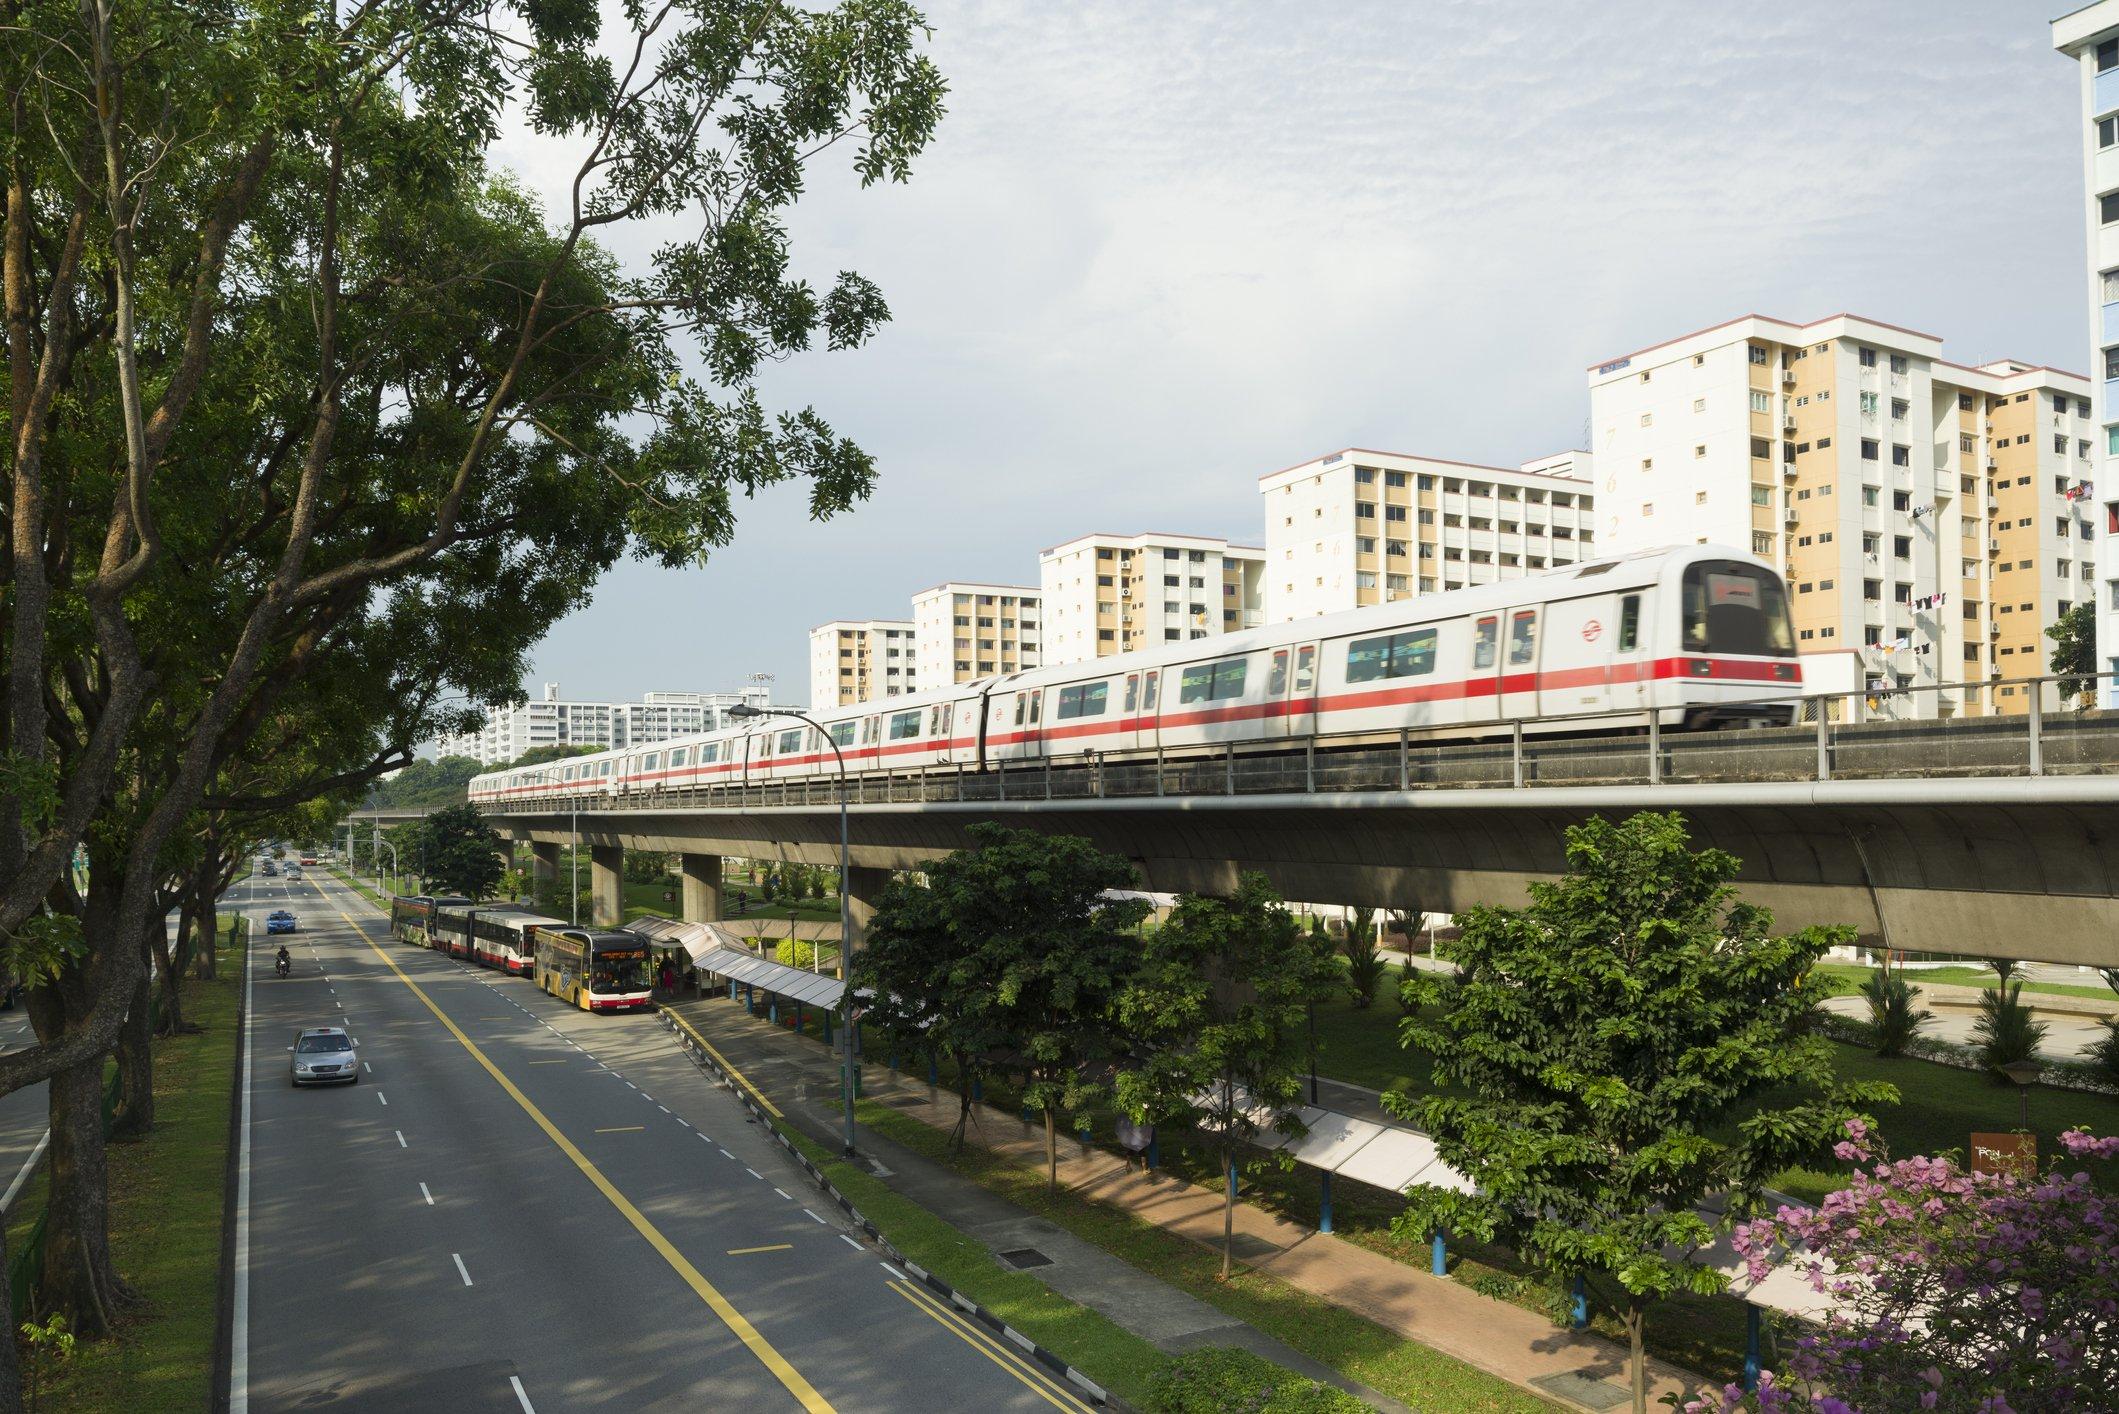 HDB flats and train